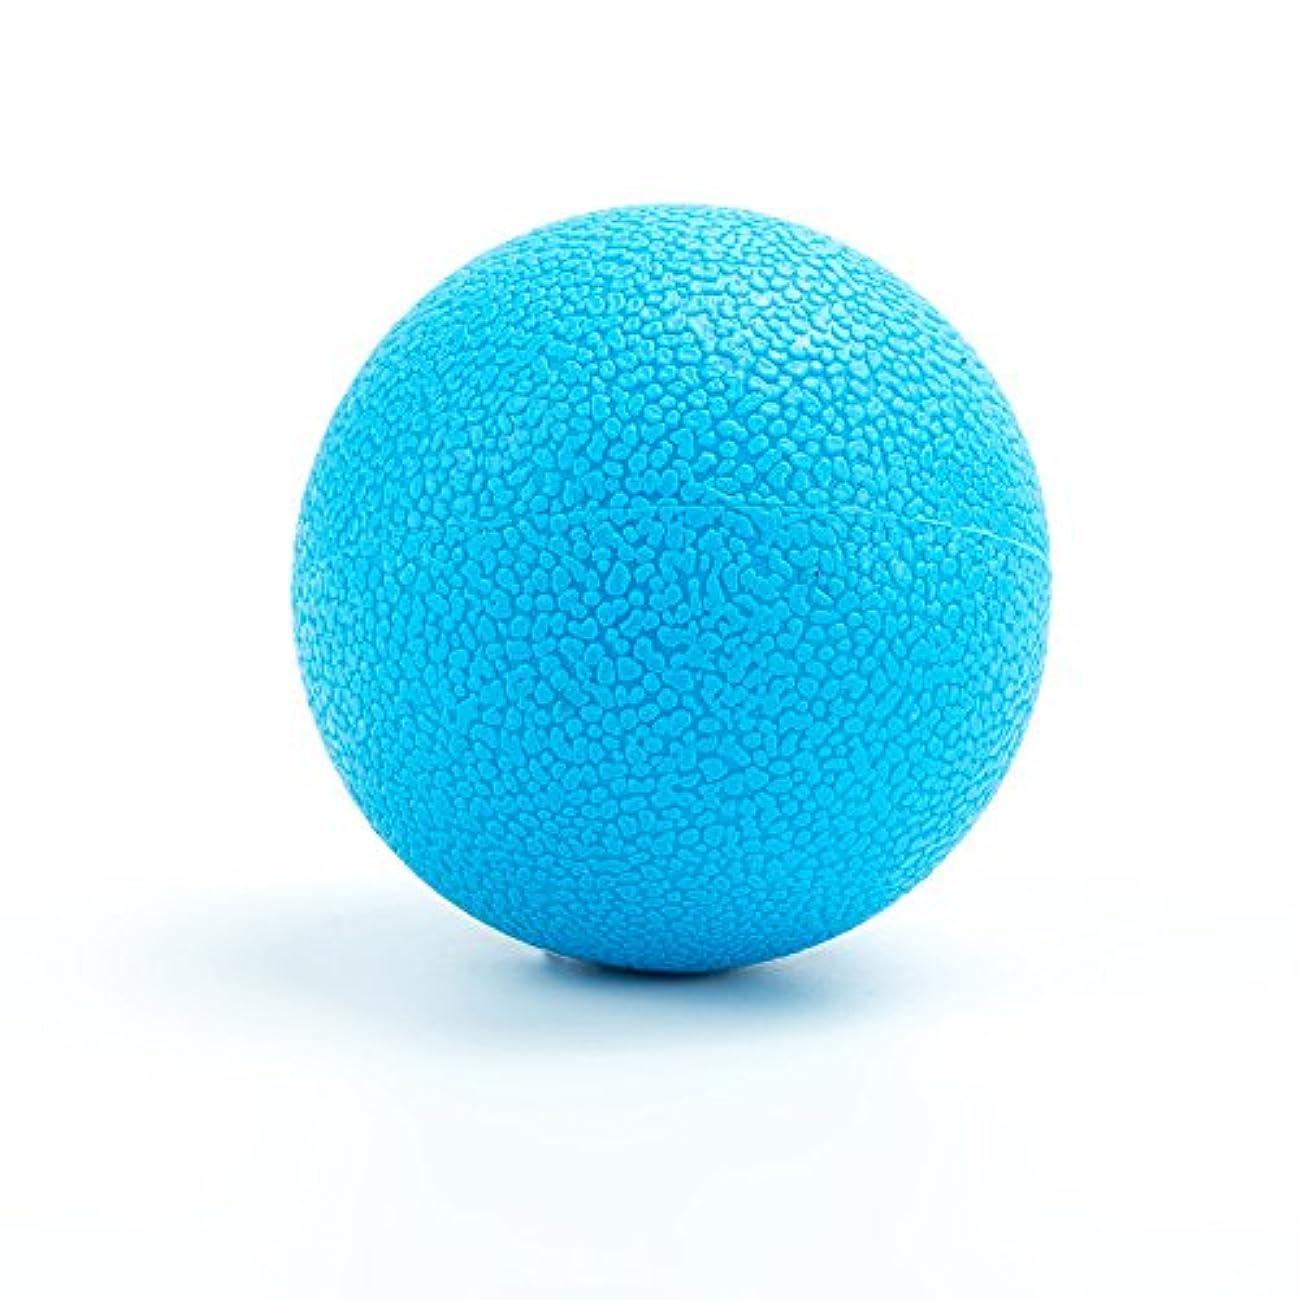 ベルマイク最適Massage Ball マッサージボール 筋膜リリース Yoga Lacrosse Ball 背中 肩こり 腰 ふくらはぎ 足裏 ツボ押しグッズ